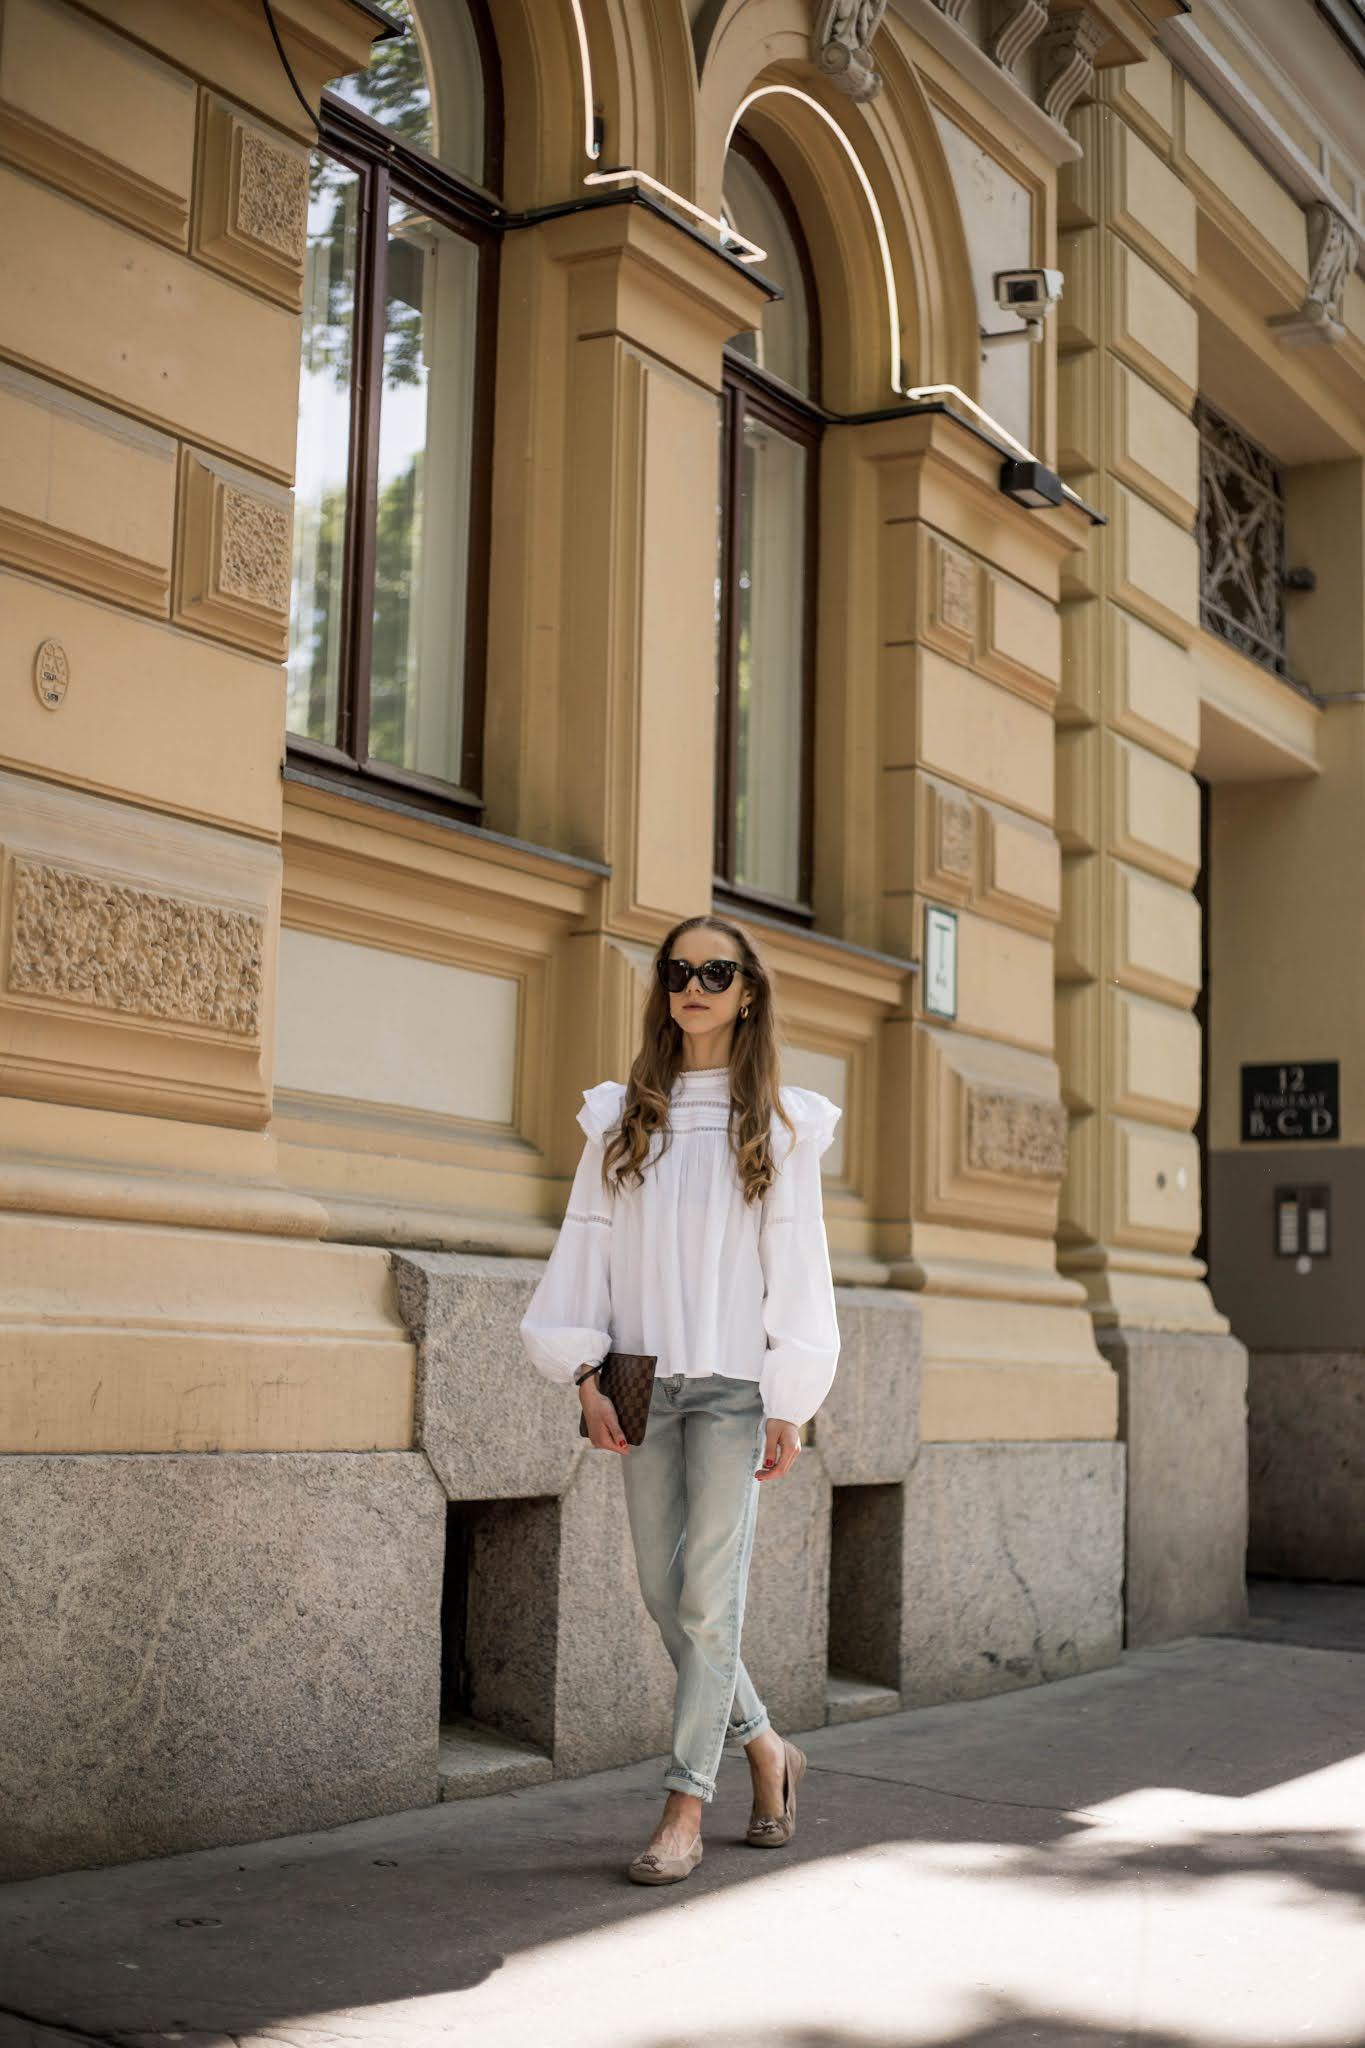 Kuinka yhdistää viktoriaanisesta tyylistä inspiroitunut paita // How to wear victorian inspired blouse